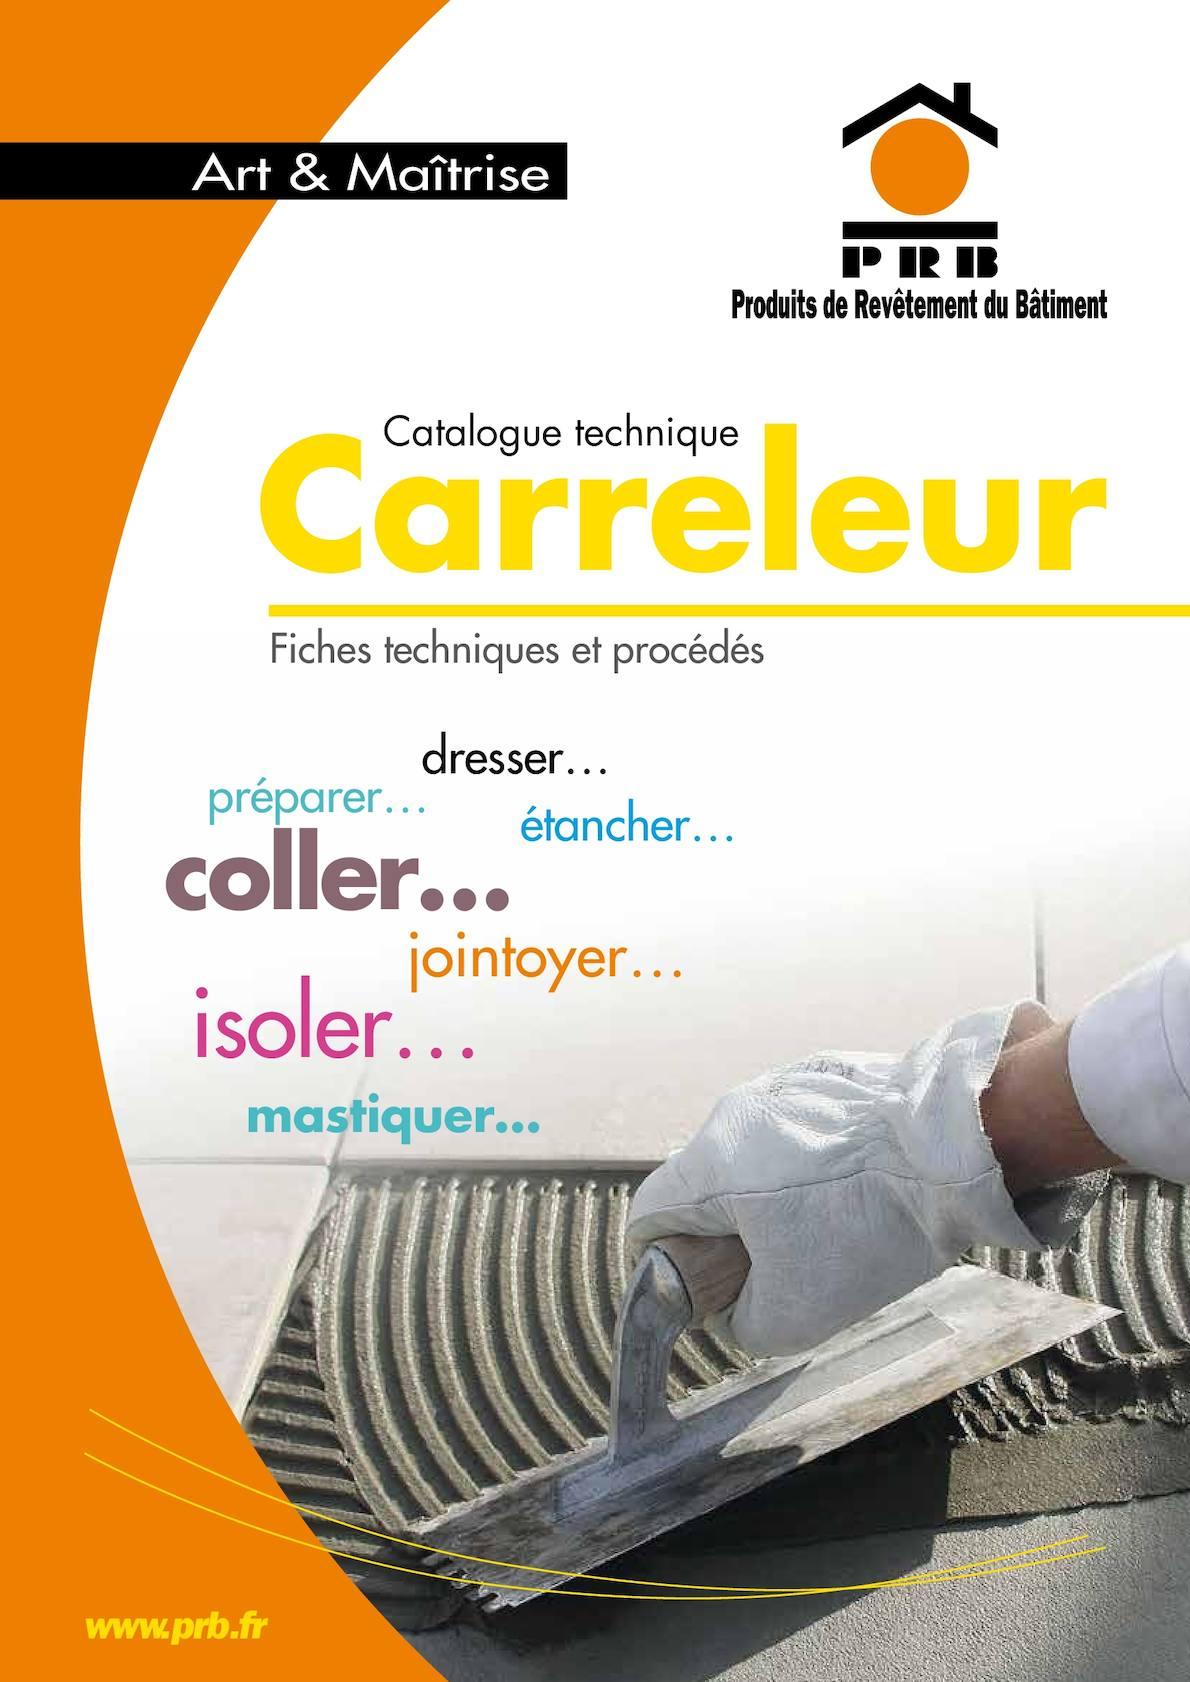 Natte Drainante Sous Carrelage Extérieur calaméo - catalogue prb carreleur